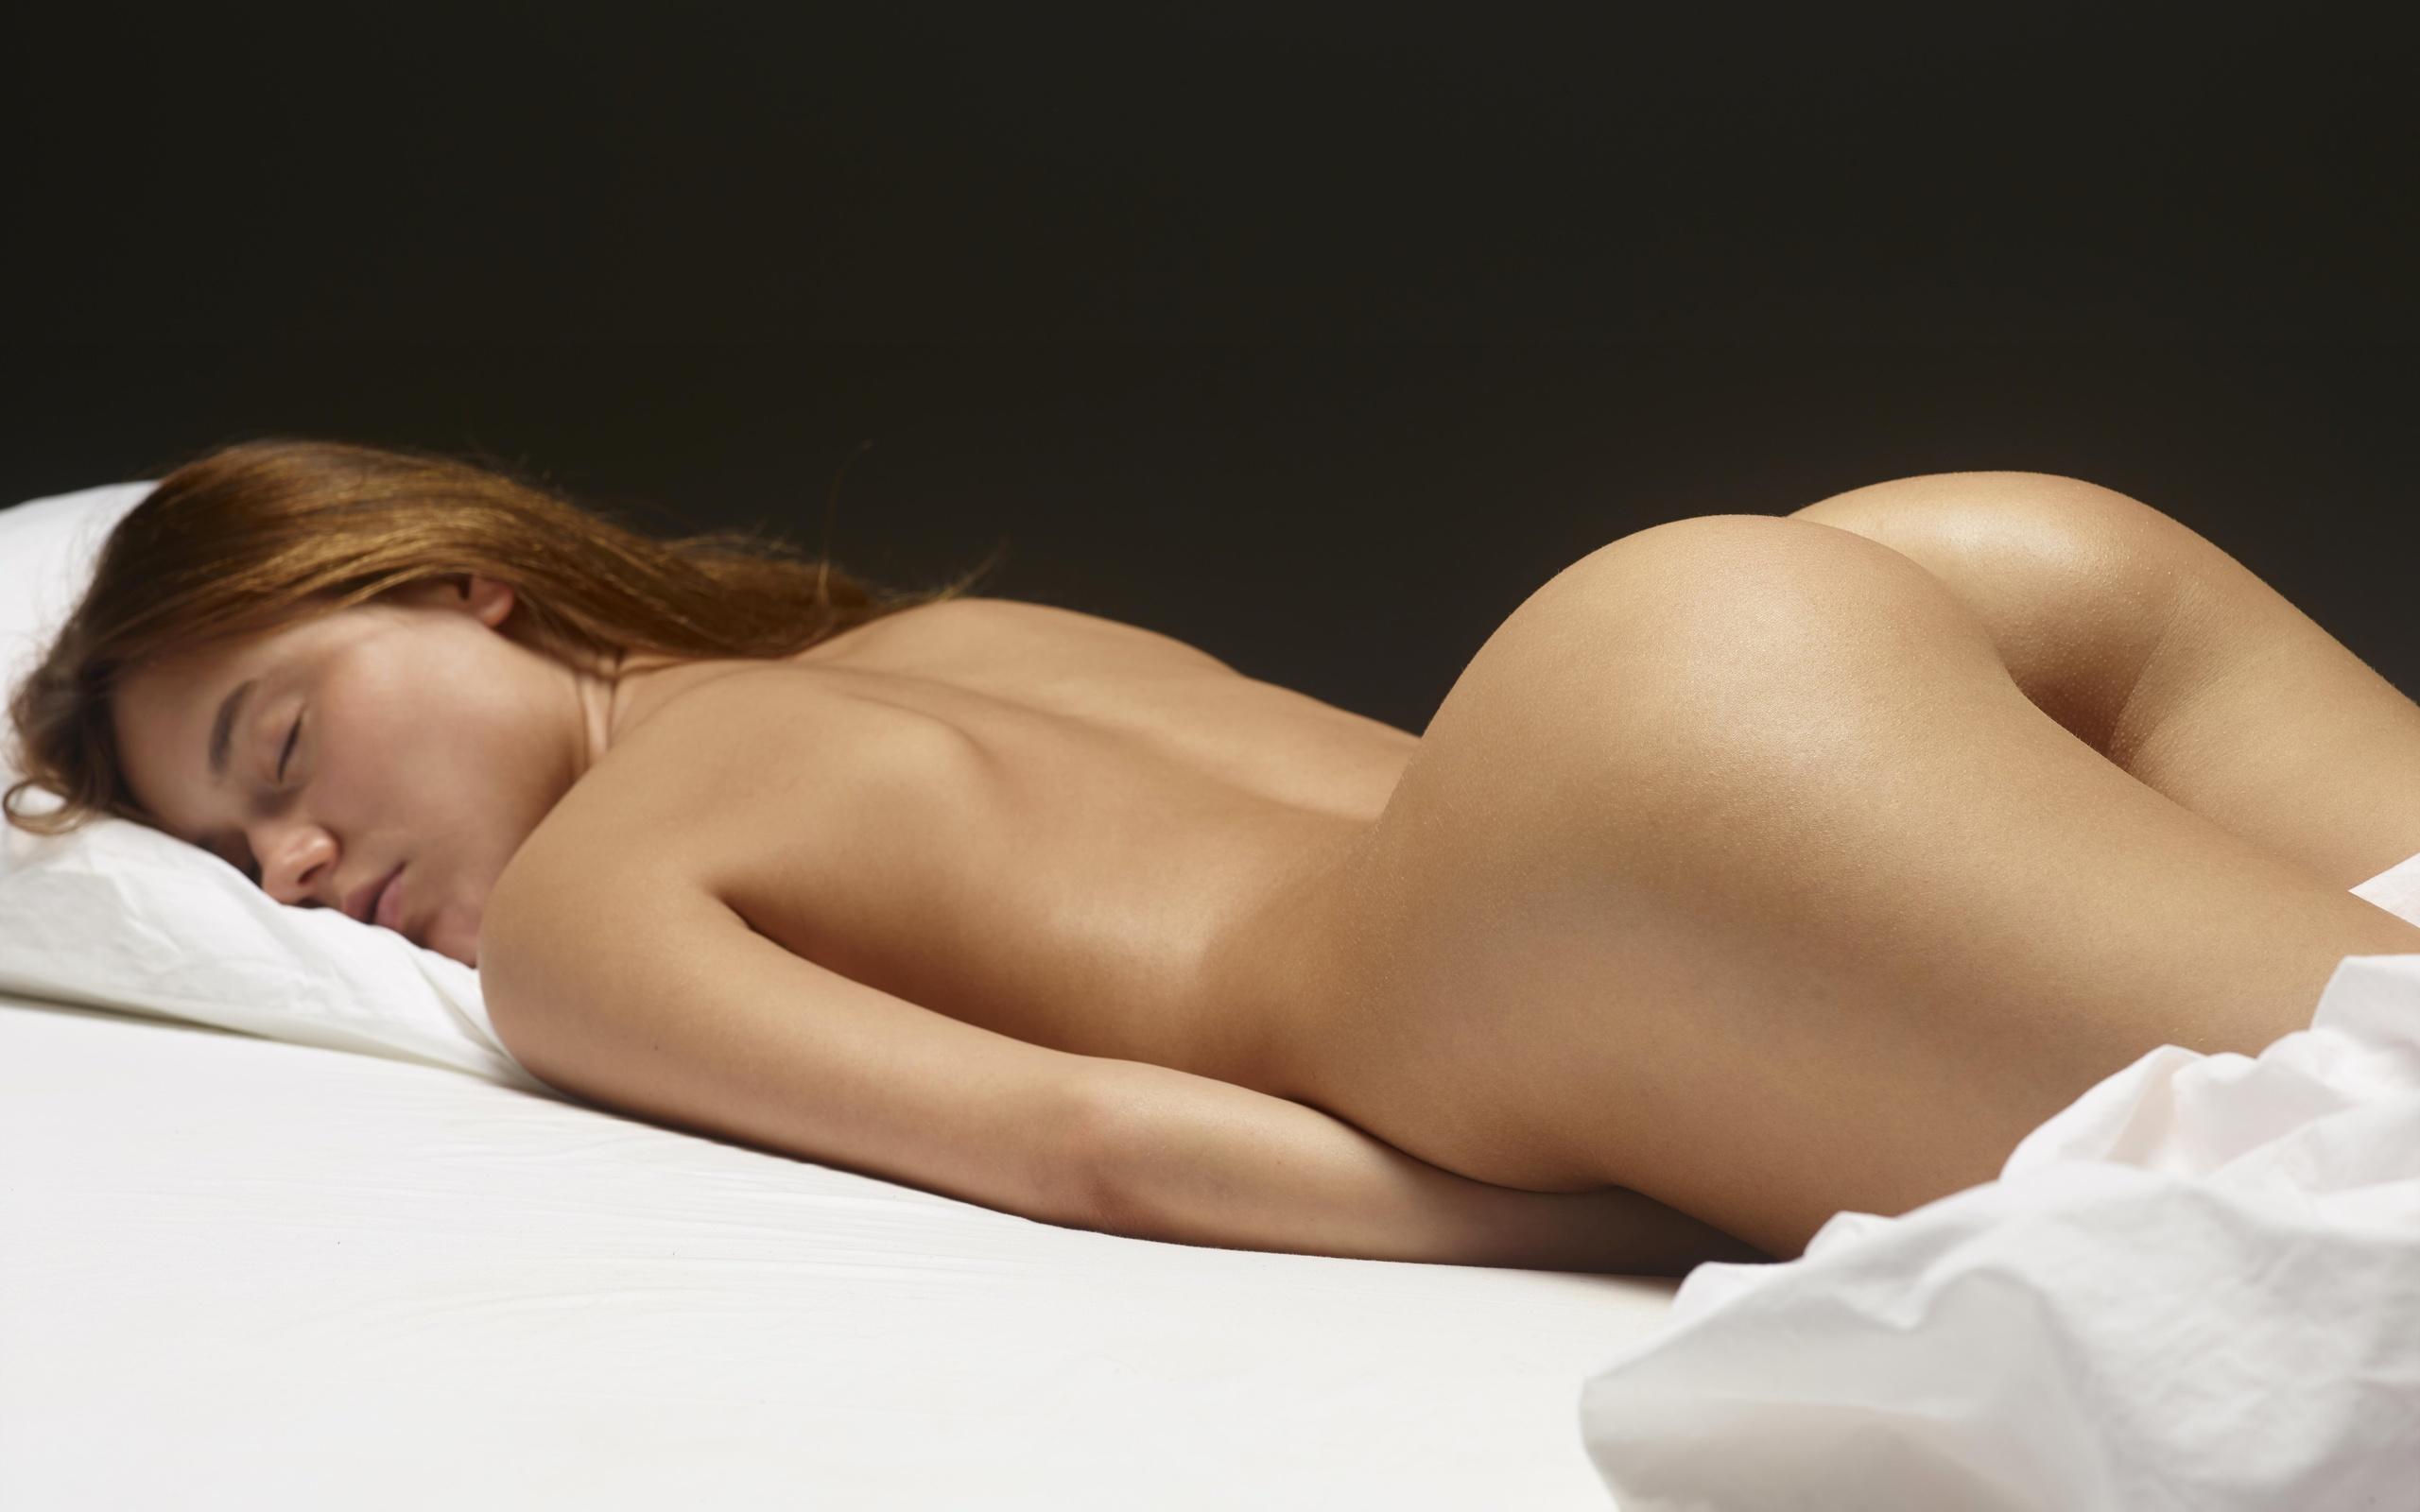 девушка фото девичьей обнаженной попы карина